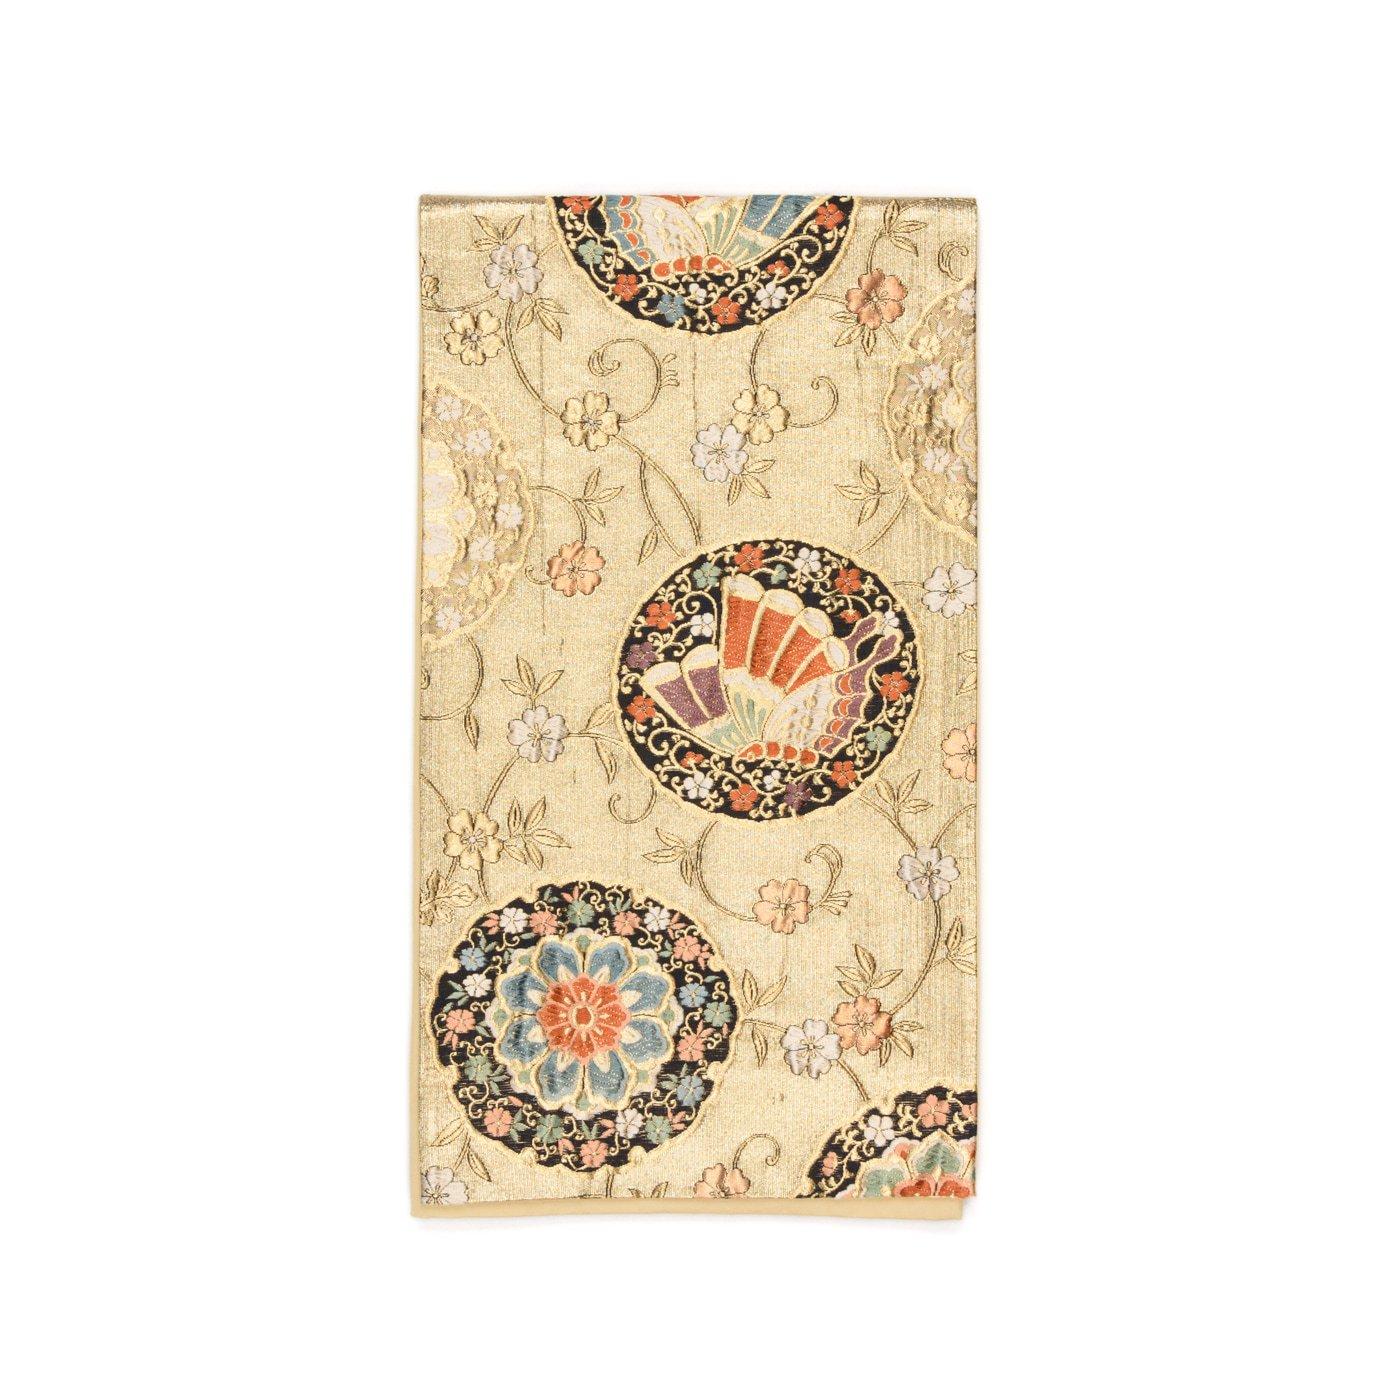 「袋帯●花と揚羽蝶」の商品画像